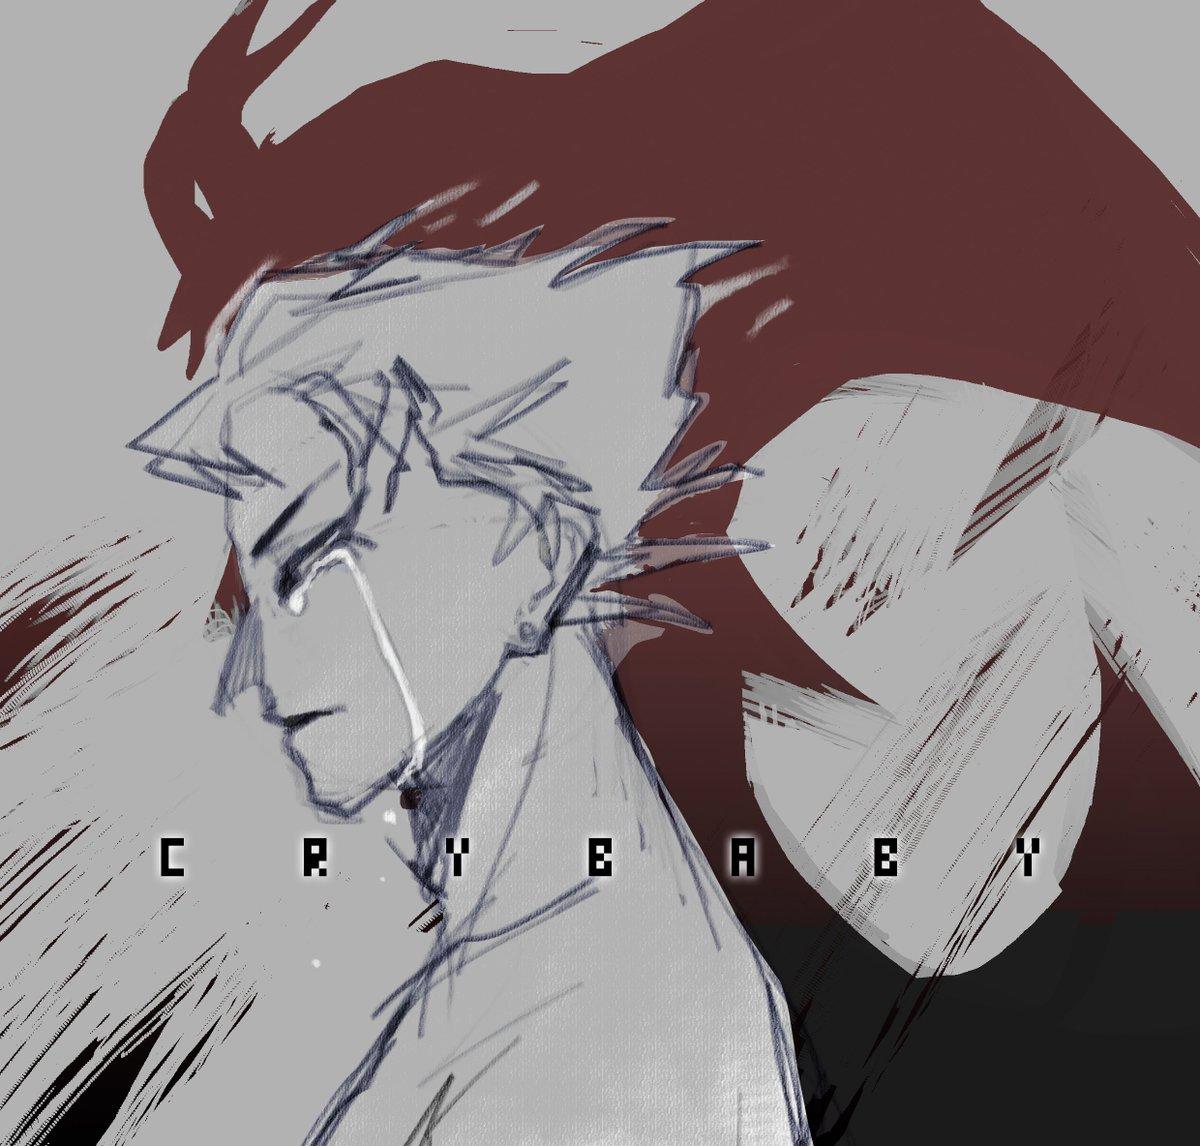 不動明 #devilman #devilmancrybaby #akirafudo #デビルマン  #fanart #doodle #sketch #illustration #digitalart #drawing https://t.co/RDjbj1WeQu